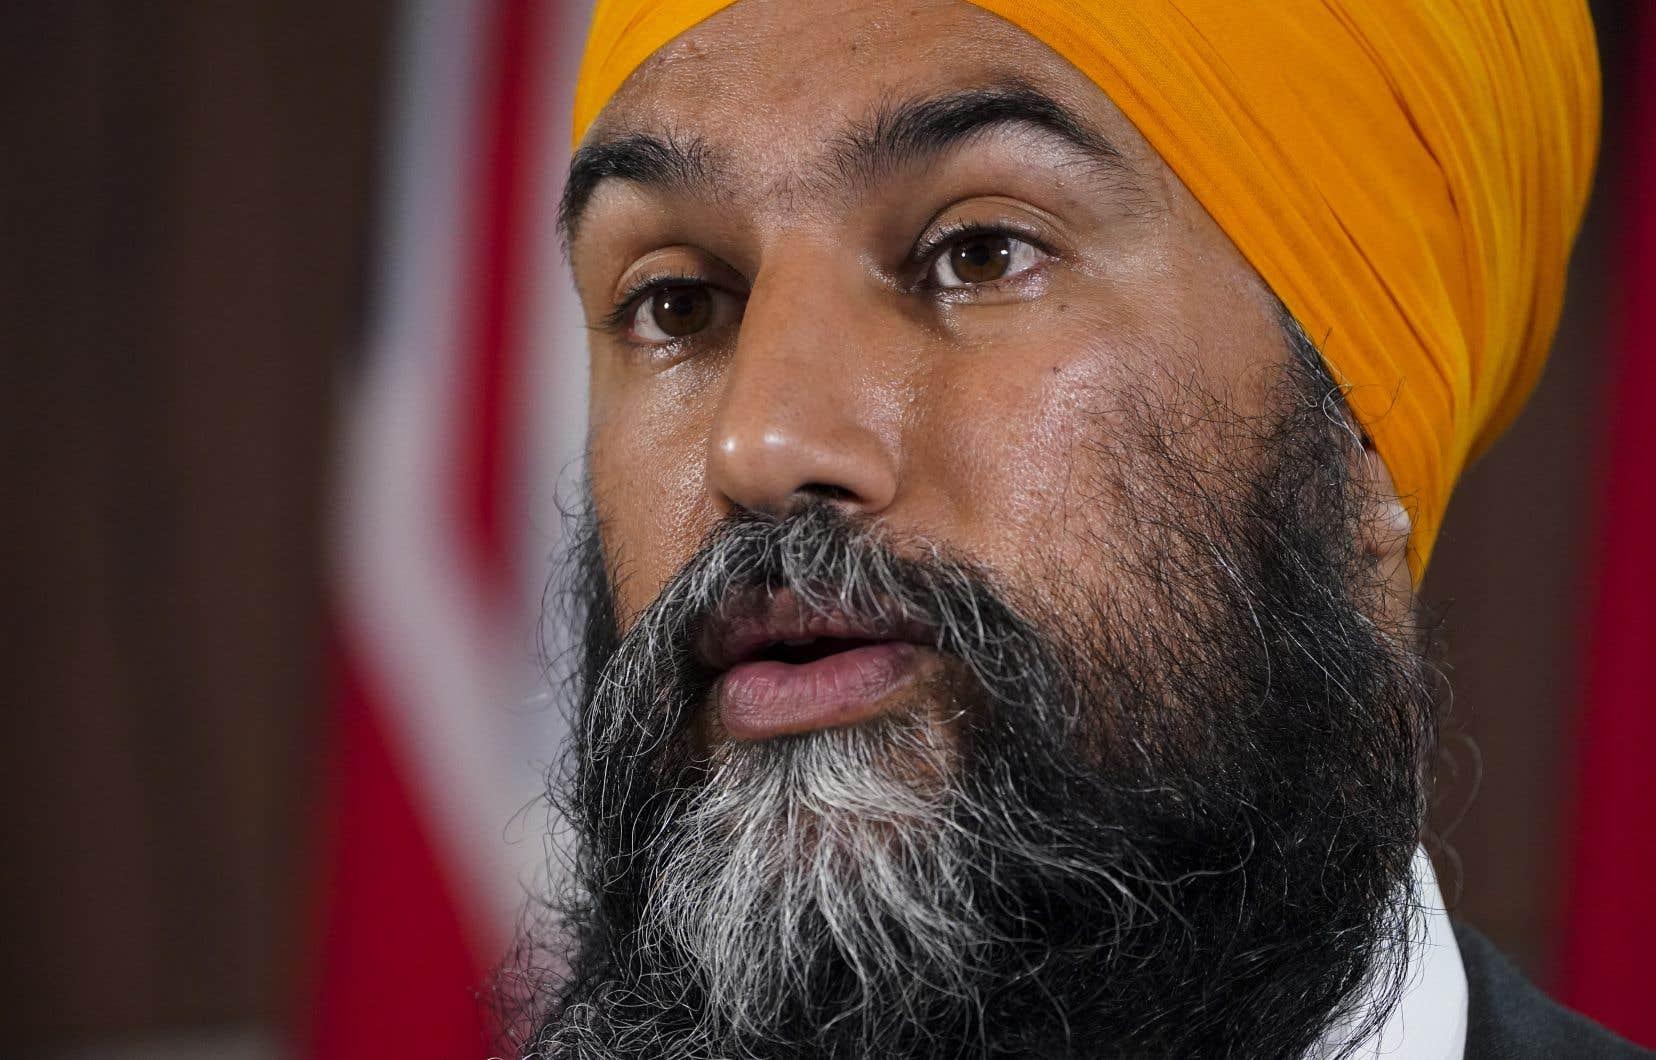 Dans sa lettre à Mary Simon, Jagmeet Singh rappelle que la loi fixe la date des prochaines élections au mois d'octobre 2023 et il laisse entendre quela représentante de la reine au Canada n'a pas à plonger le pays en campagne électorale, même si Justin Trudeau lui en faisait la demande.